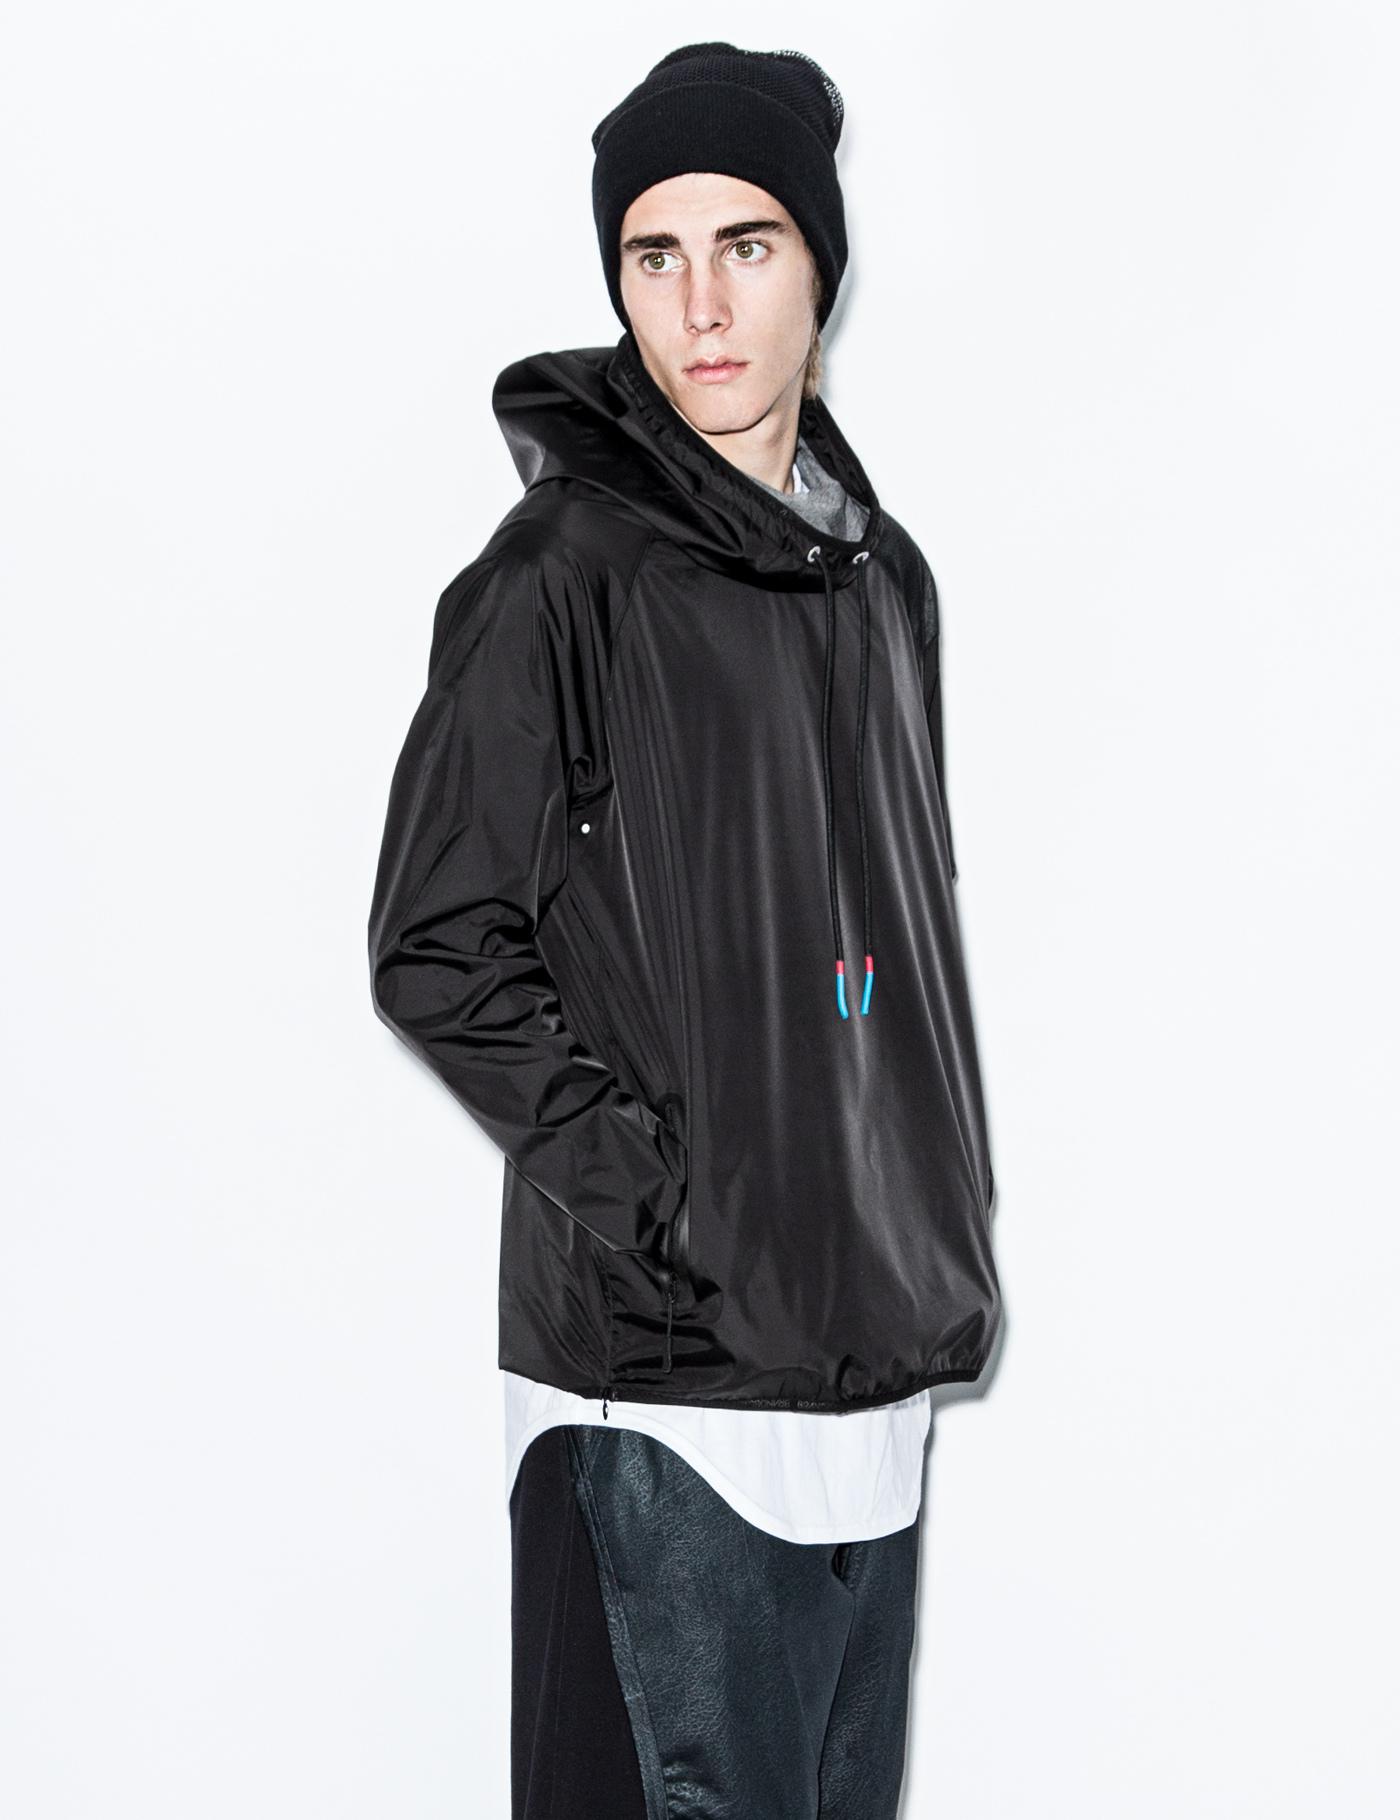 Sith hoodie